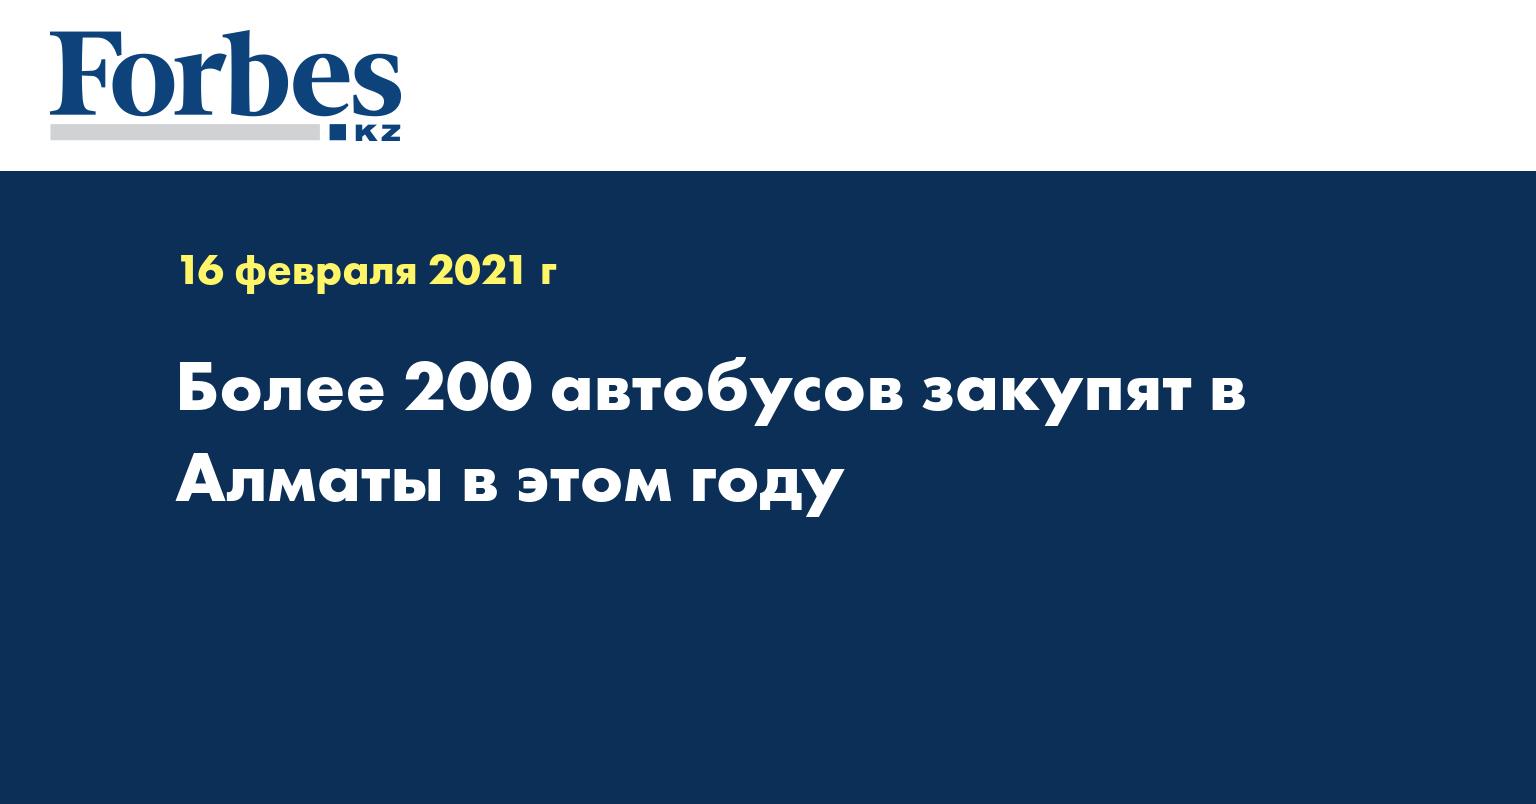 Более 200 автобусов закупят в Алматы в этом году